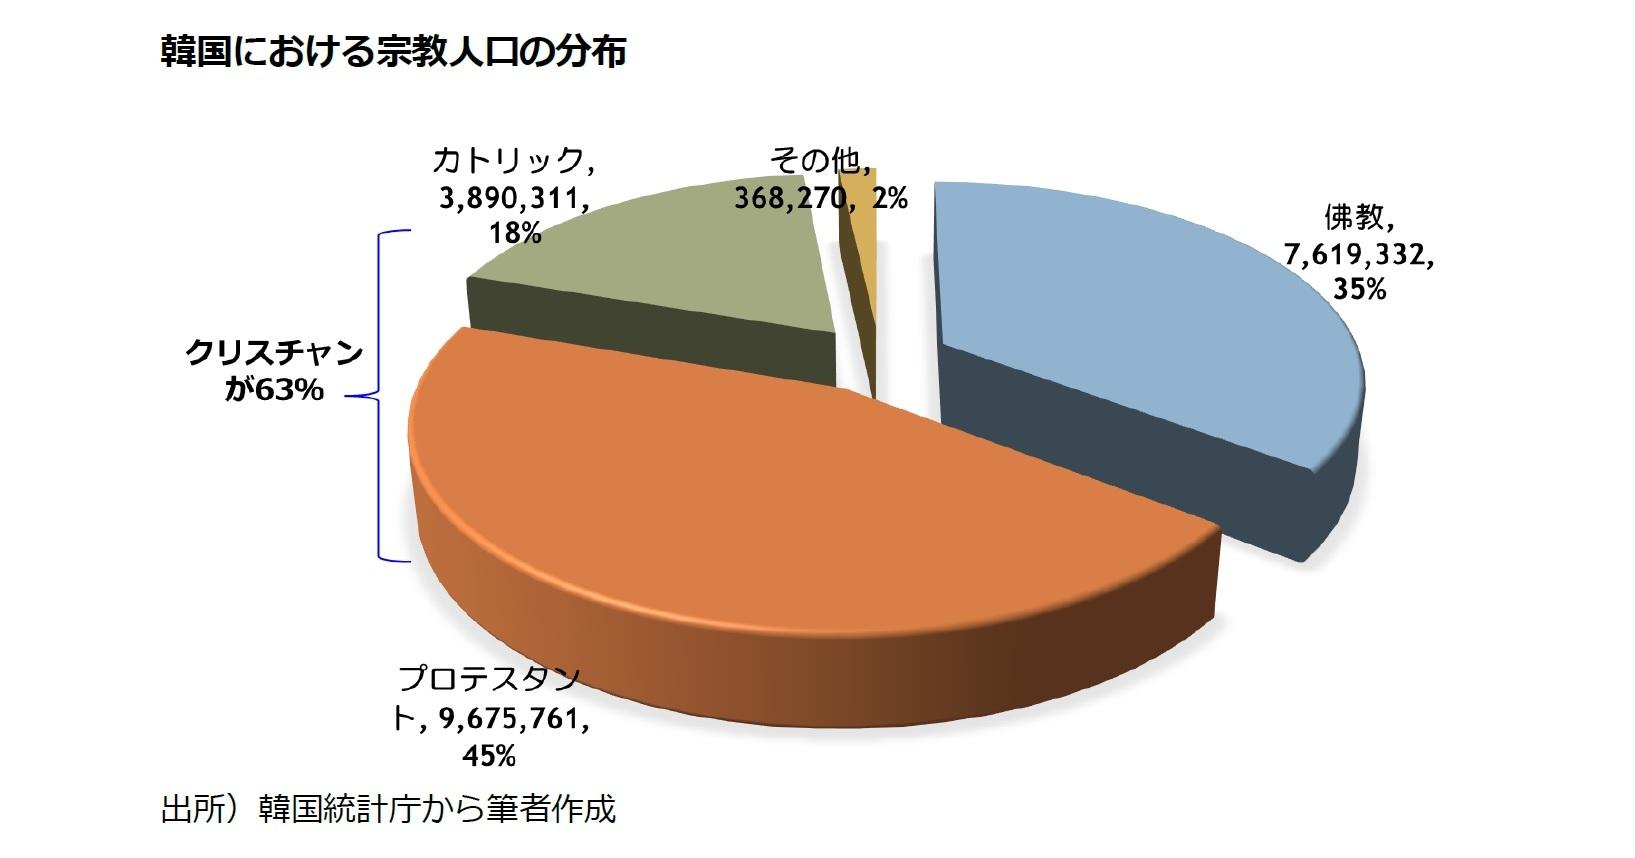 韓国における宗教人口の分布